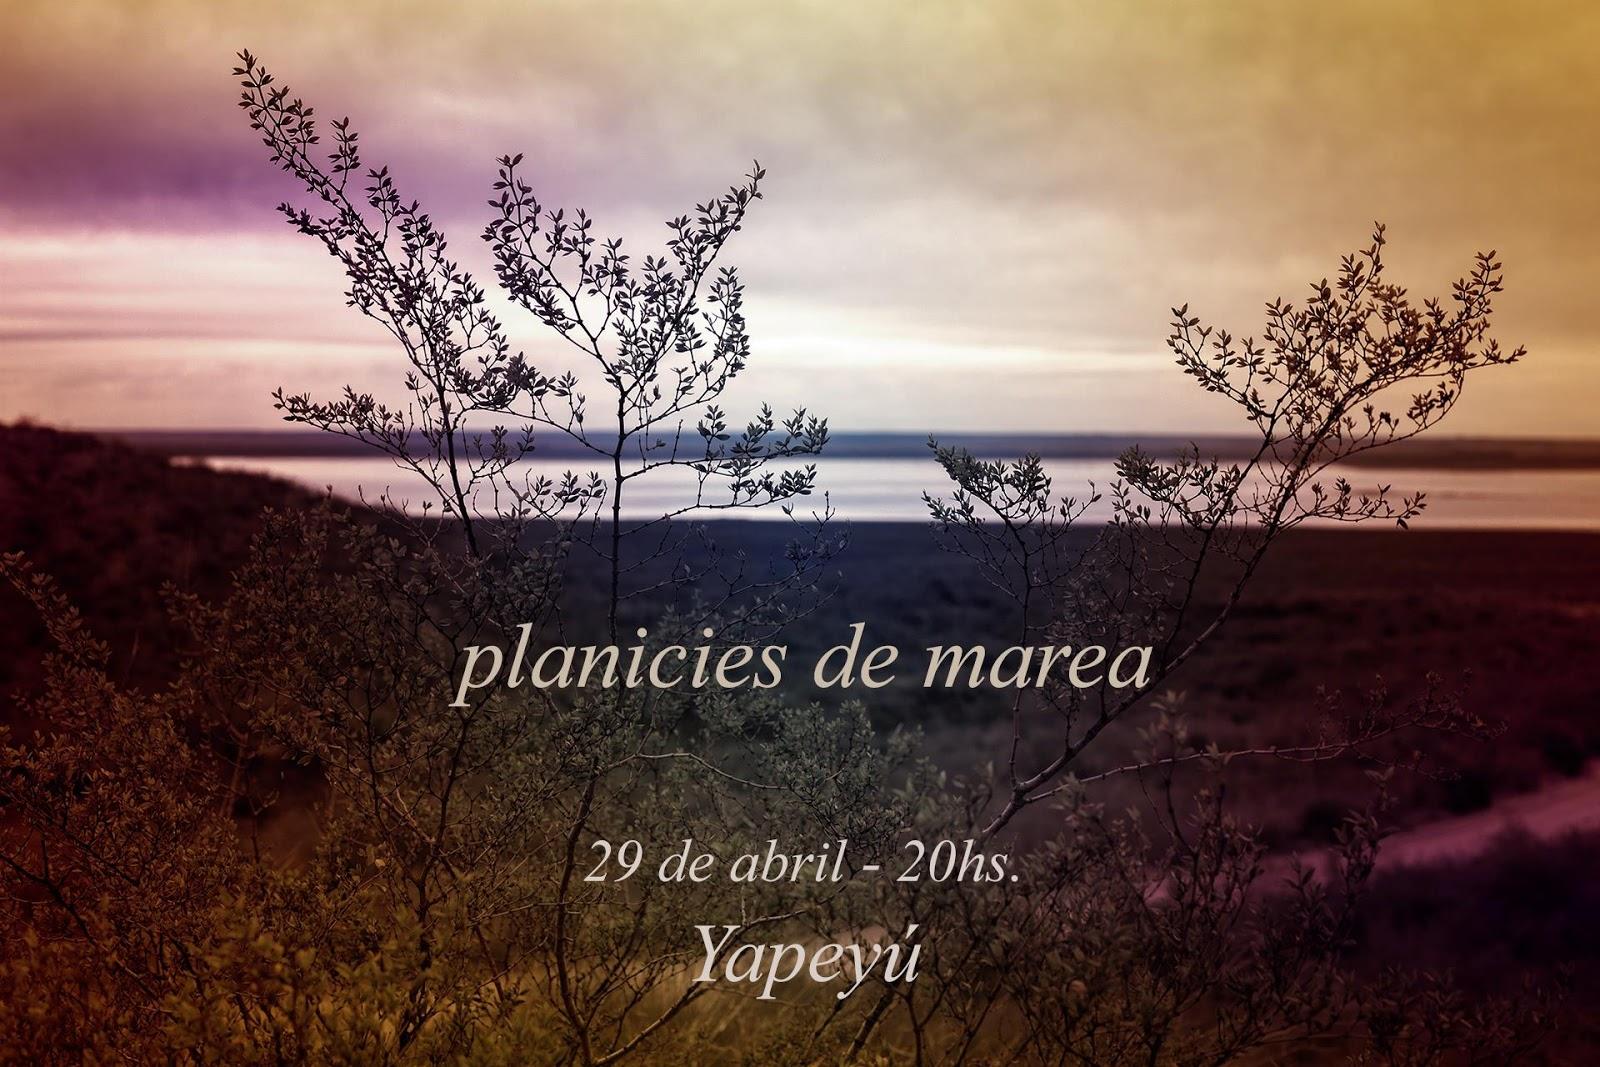 Todos bienvenidos este último sábado 29 de abril desde las 20 hs a Espacio  Yapeyú aa1460ee26cb2